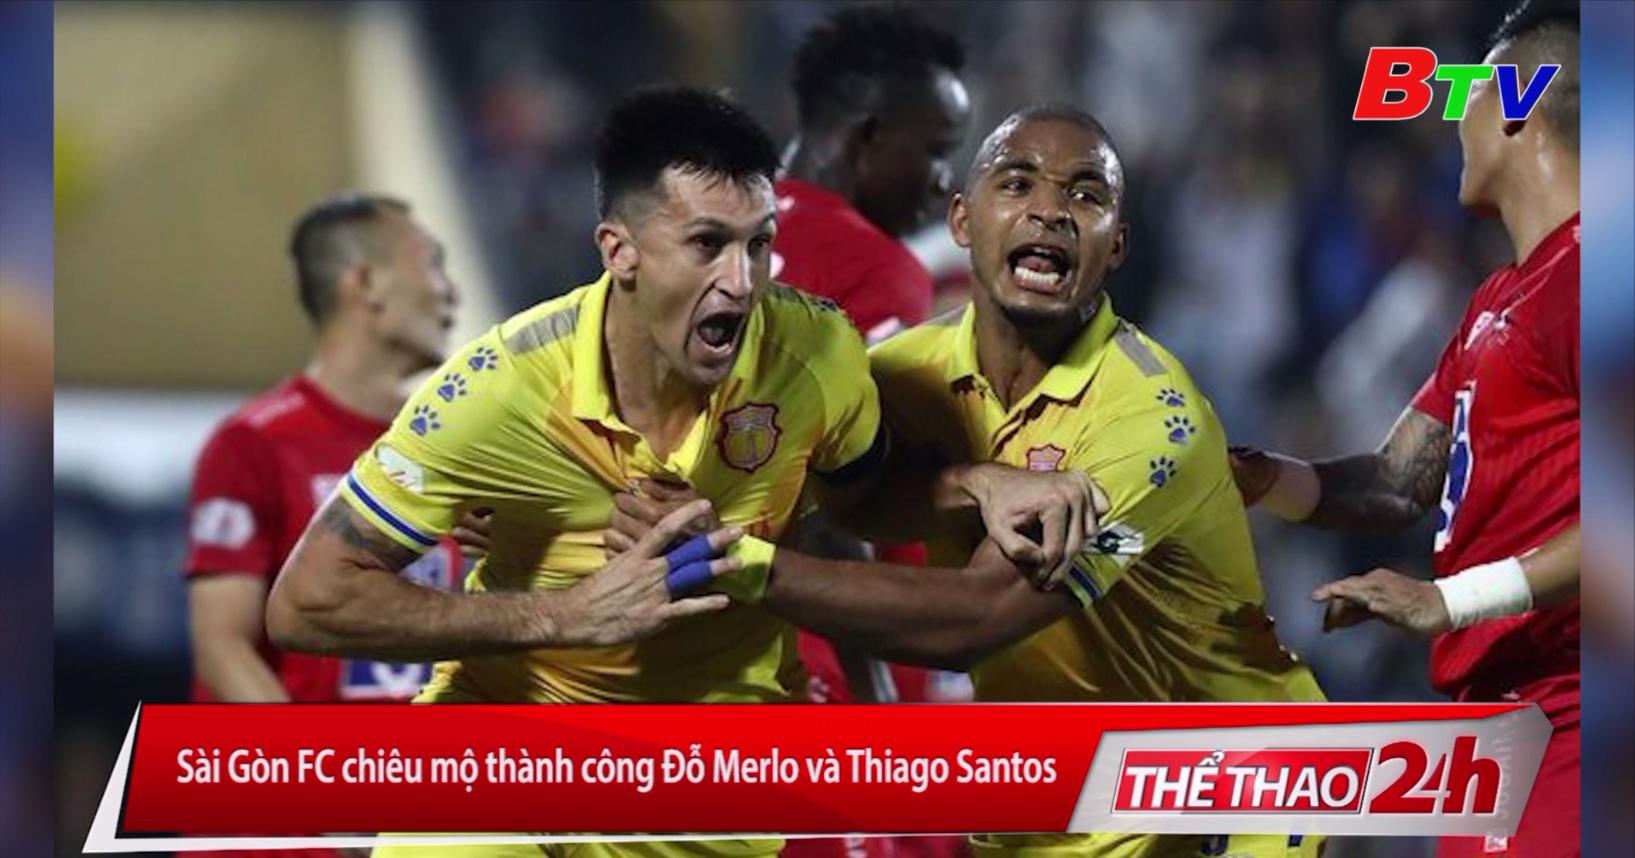 Sài Gòn FC chiêu mộ thành công Đỗ Merlo và Thiago Santos